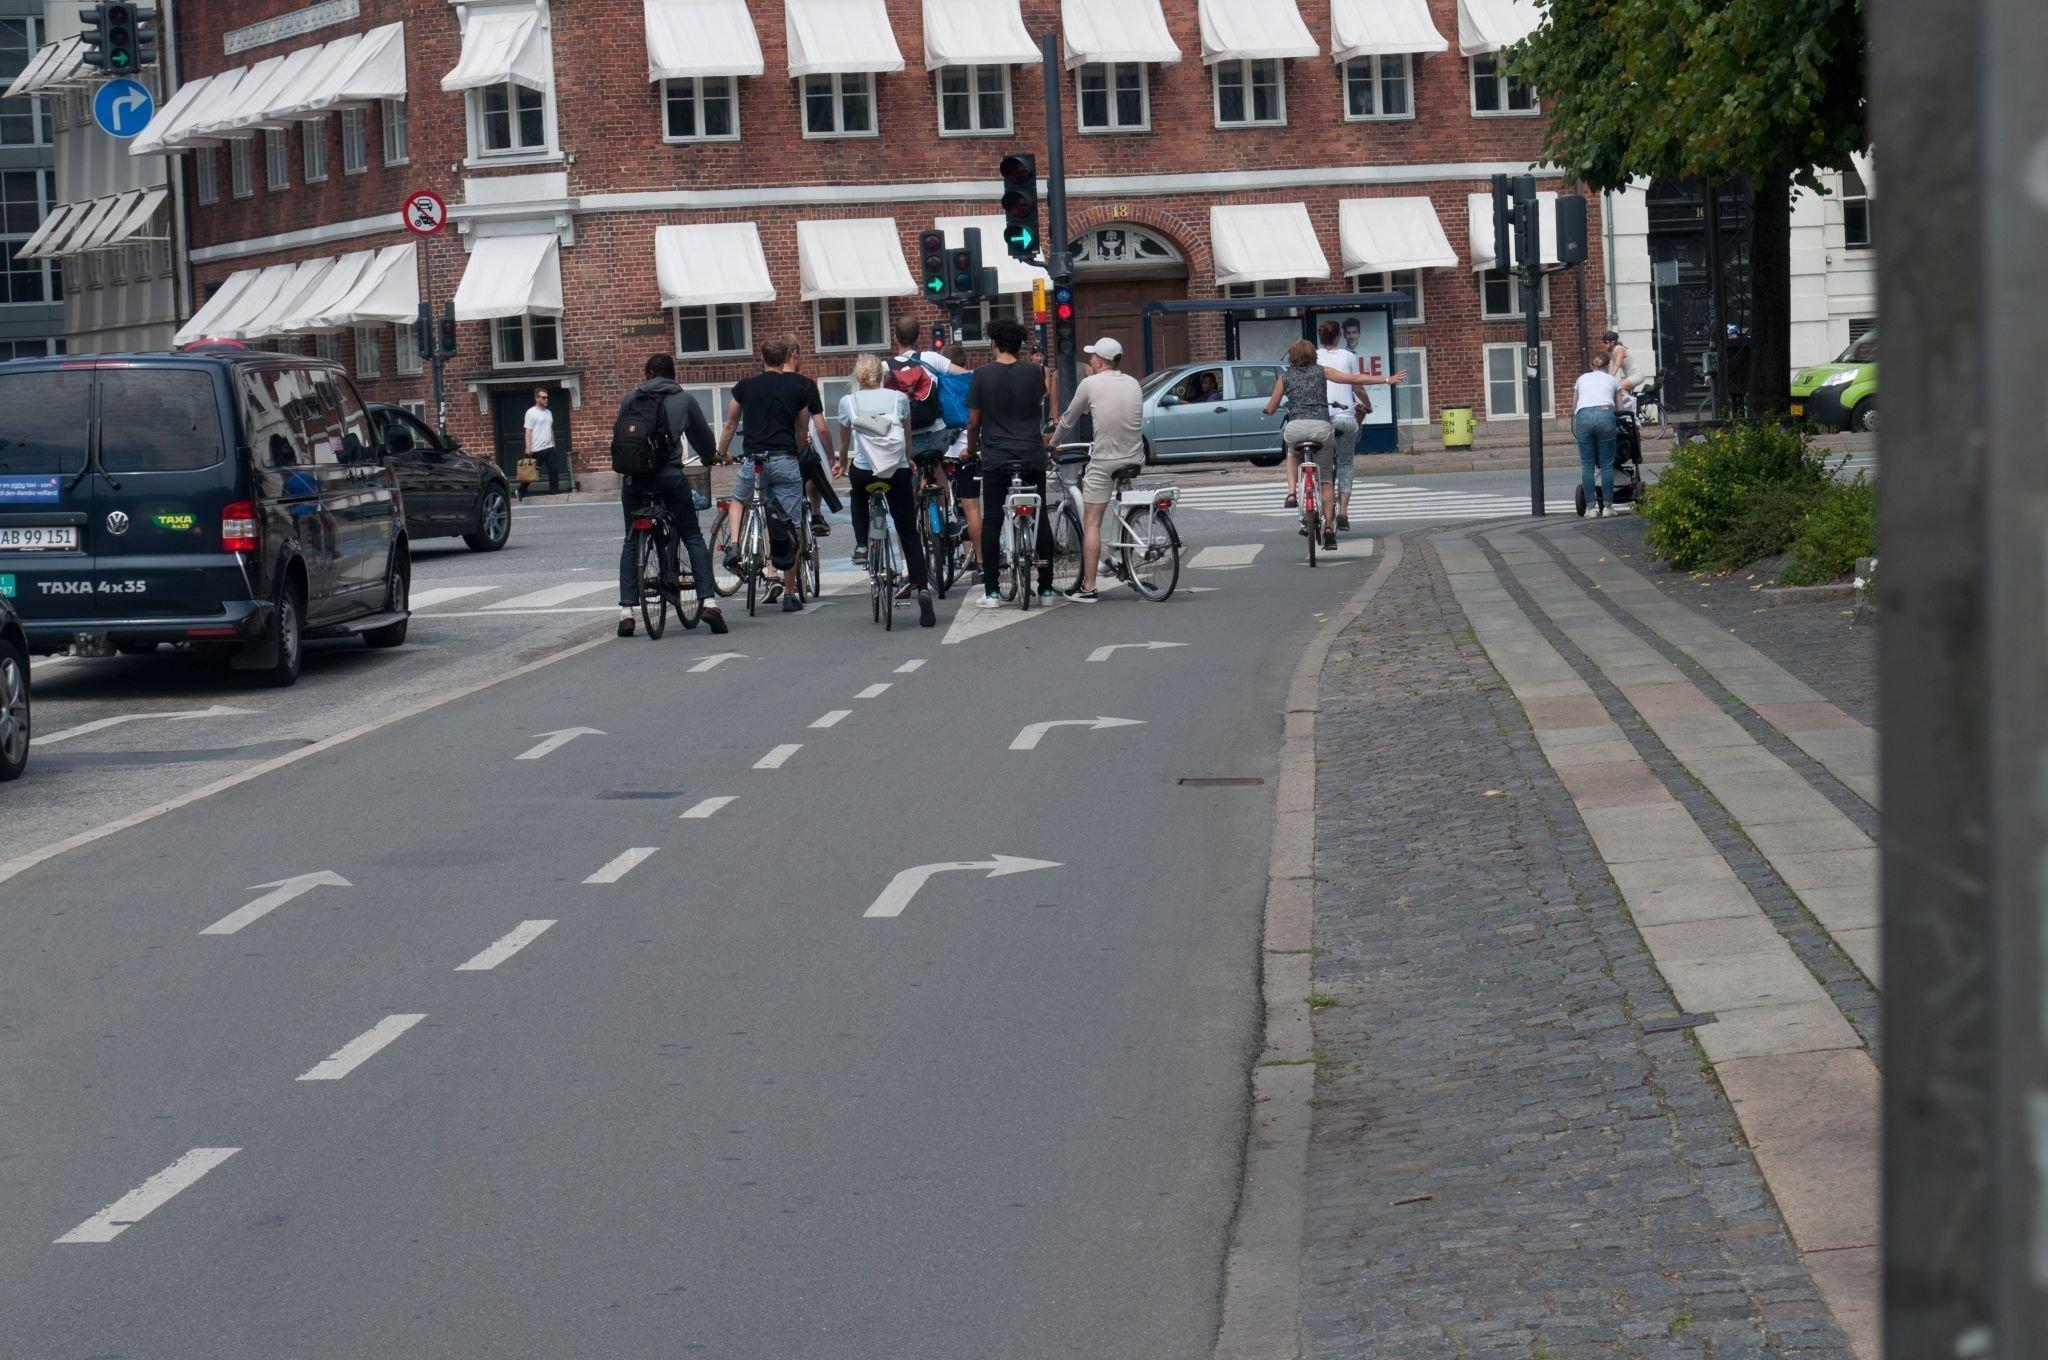 Autostraße, Radweg und Gehsteig sind von einander getrennt.Autostraße, Radweg und Gehsteig sind von einander getrennt.